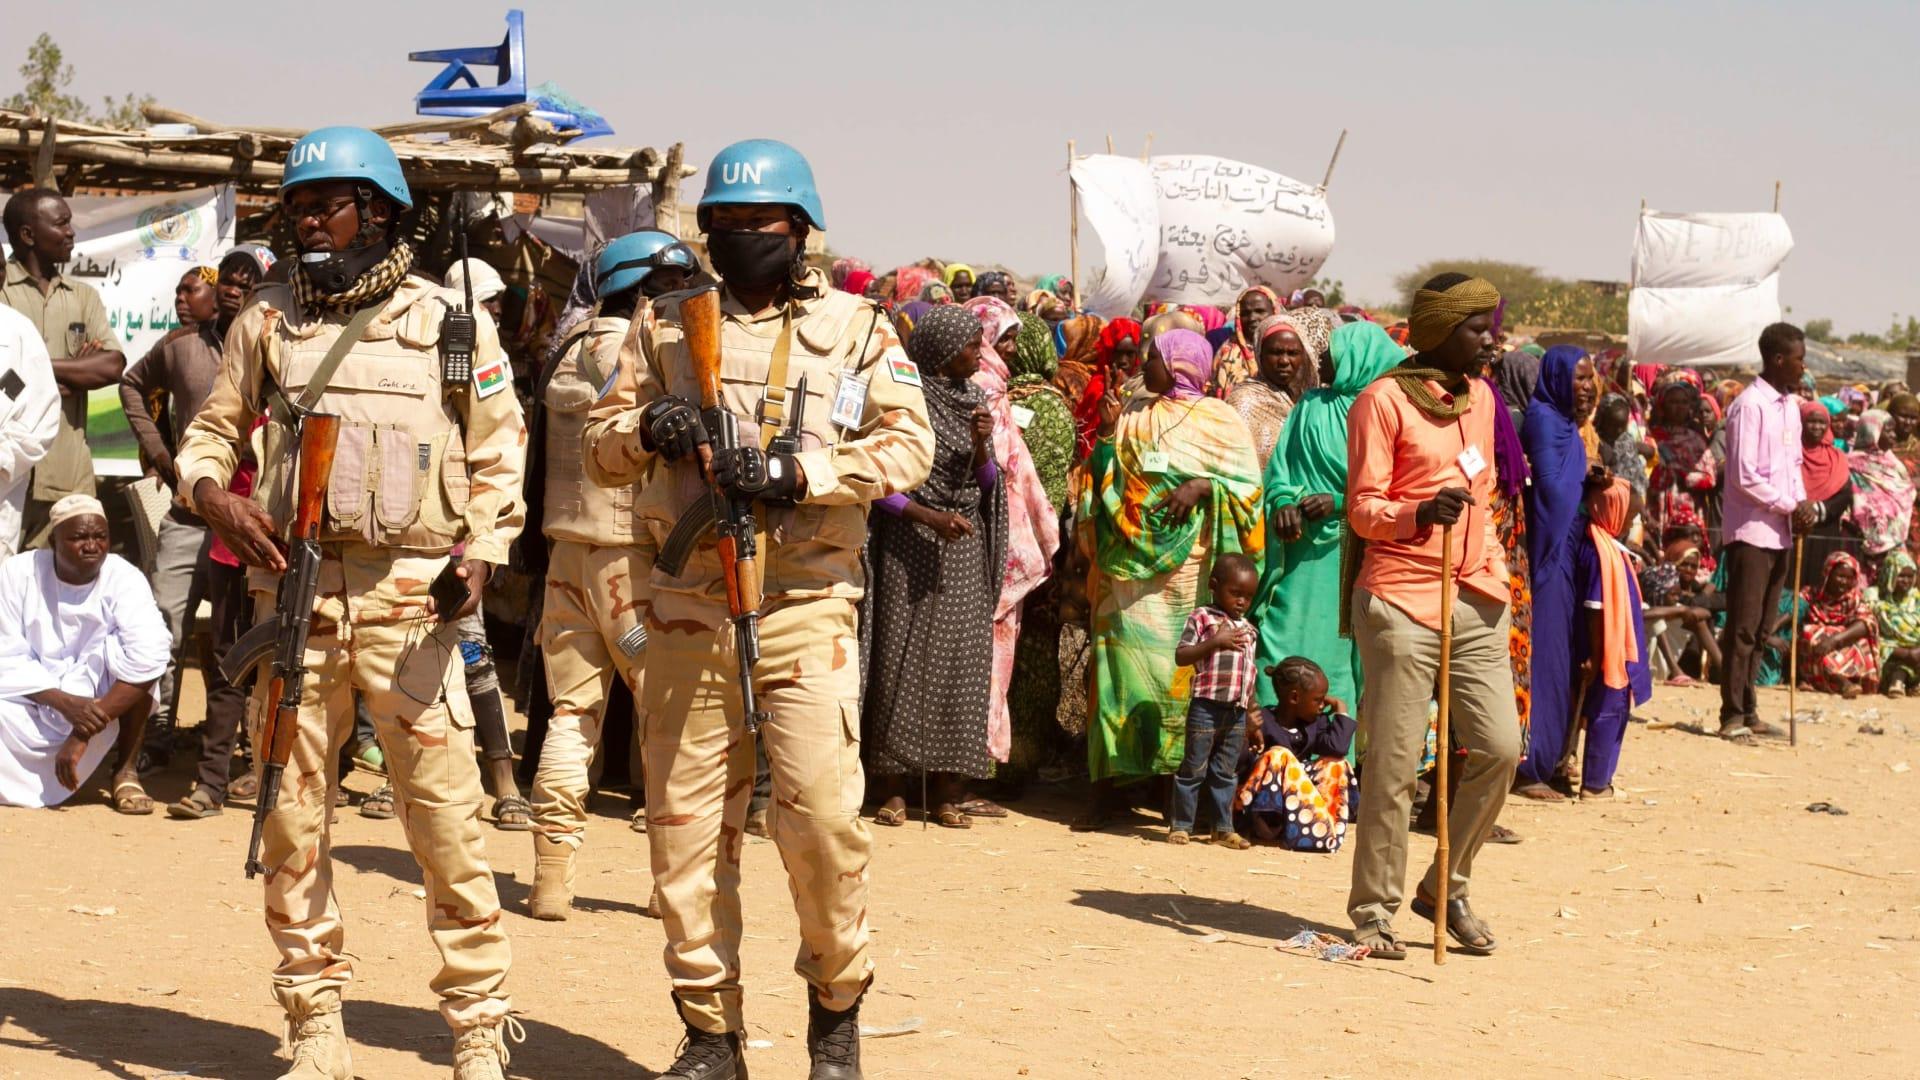 ضاء من بعثة الأمم المتحدة والاتحاد الأفريقي لحفظ السلام (يوناميد) ينظرون إلى نازحين سودانيين ينظمون اعتصامًا احتجاجًا على انتهاء ولايتهم، في مخيم كلمة بنيالا، عاصمة جنوب دارفور، في 31 ديسمبر 2020